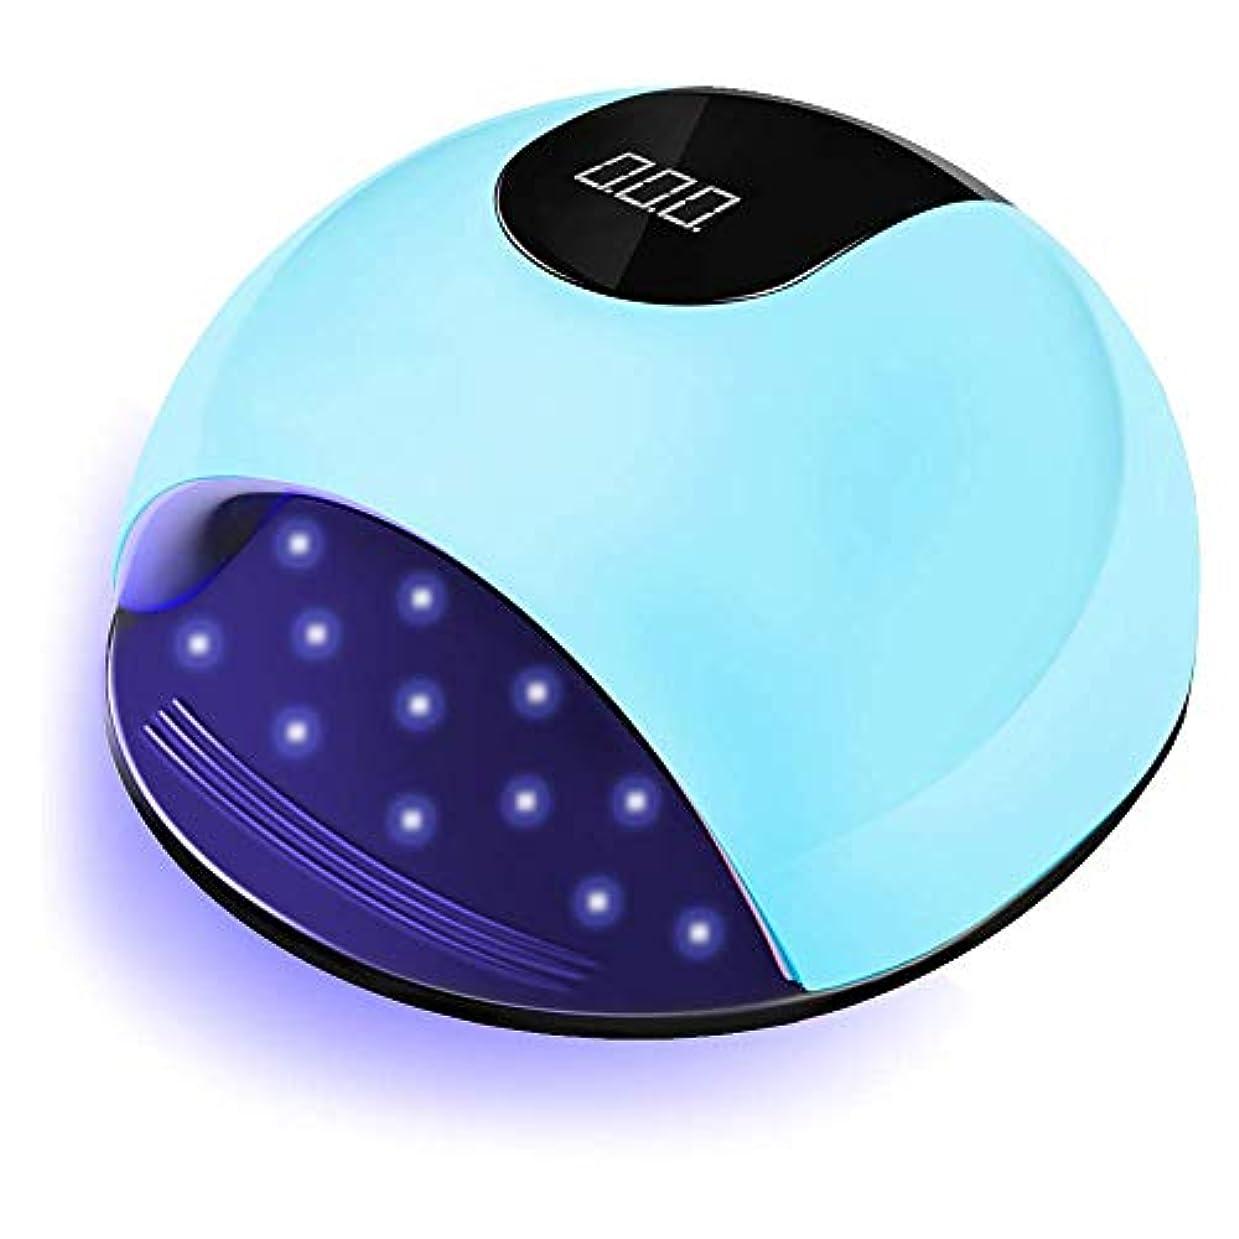 さまよう縁石罰するUVネイルランプ、ジェルネイル用80W LED UVライト、36個のUVランプビーズと赤外線自動センサーを備えた高速ネイルドライヤー、ジェルネイルポリッシュに適した、爪と爪のポリッシュアート用の大きなスペース(青)